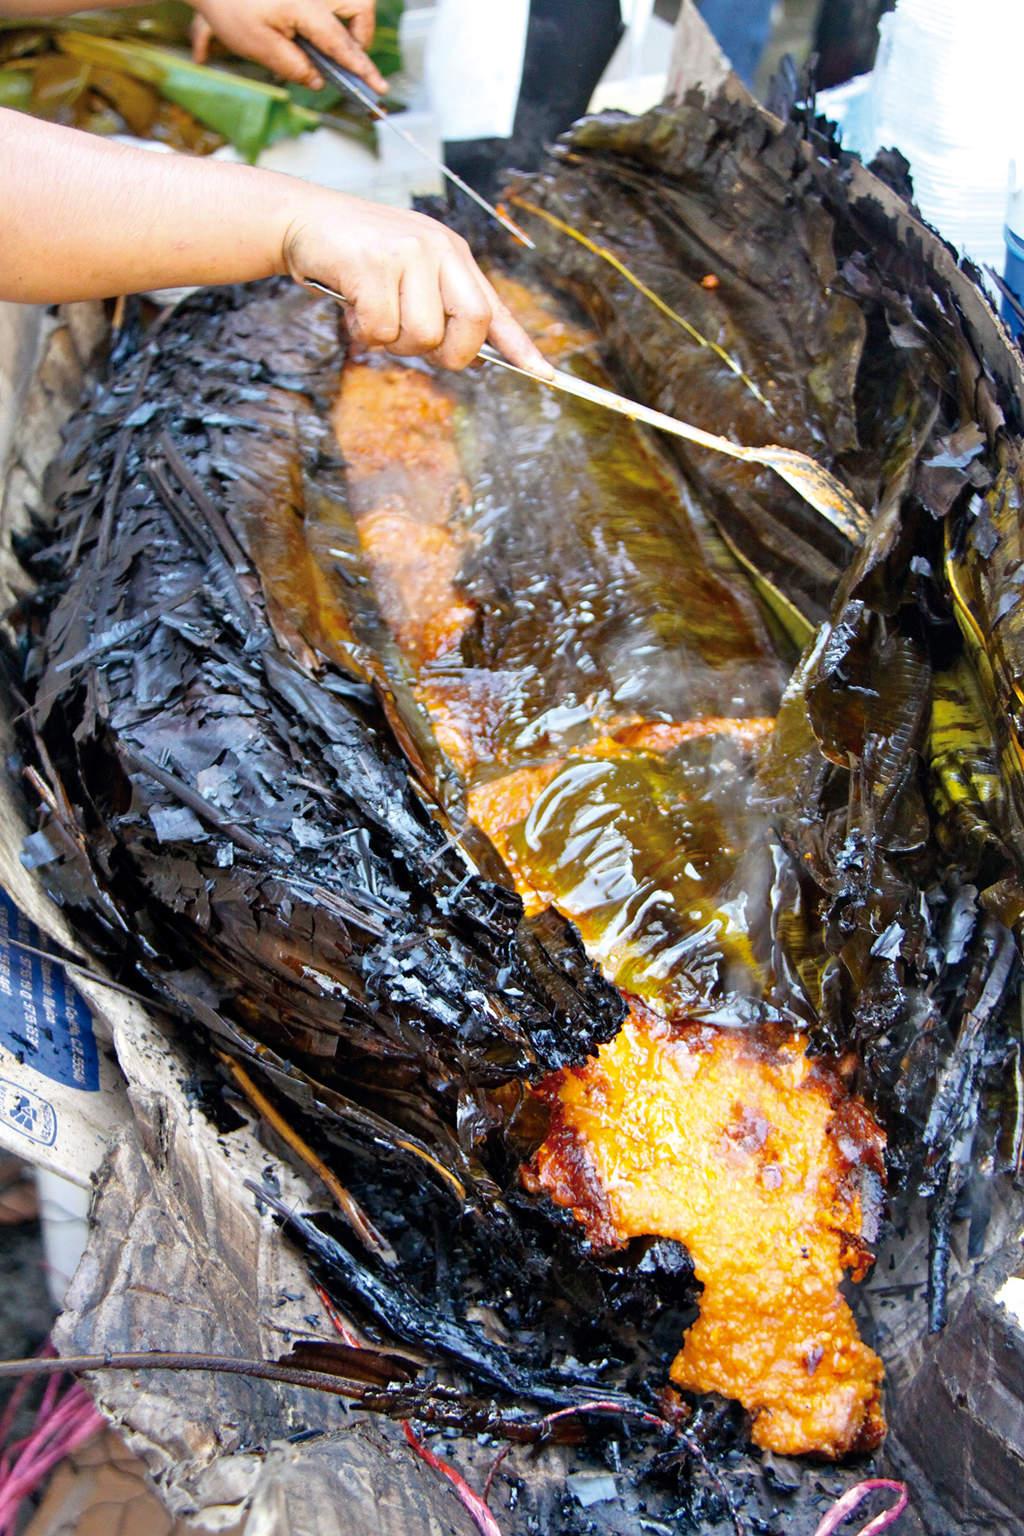 Vista de un zacahuil recién sacado del horno de piedra